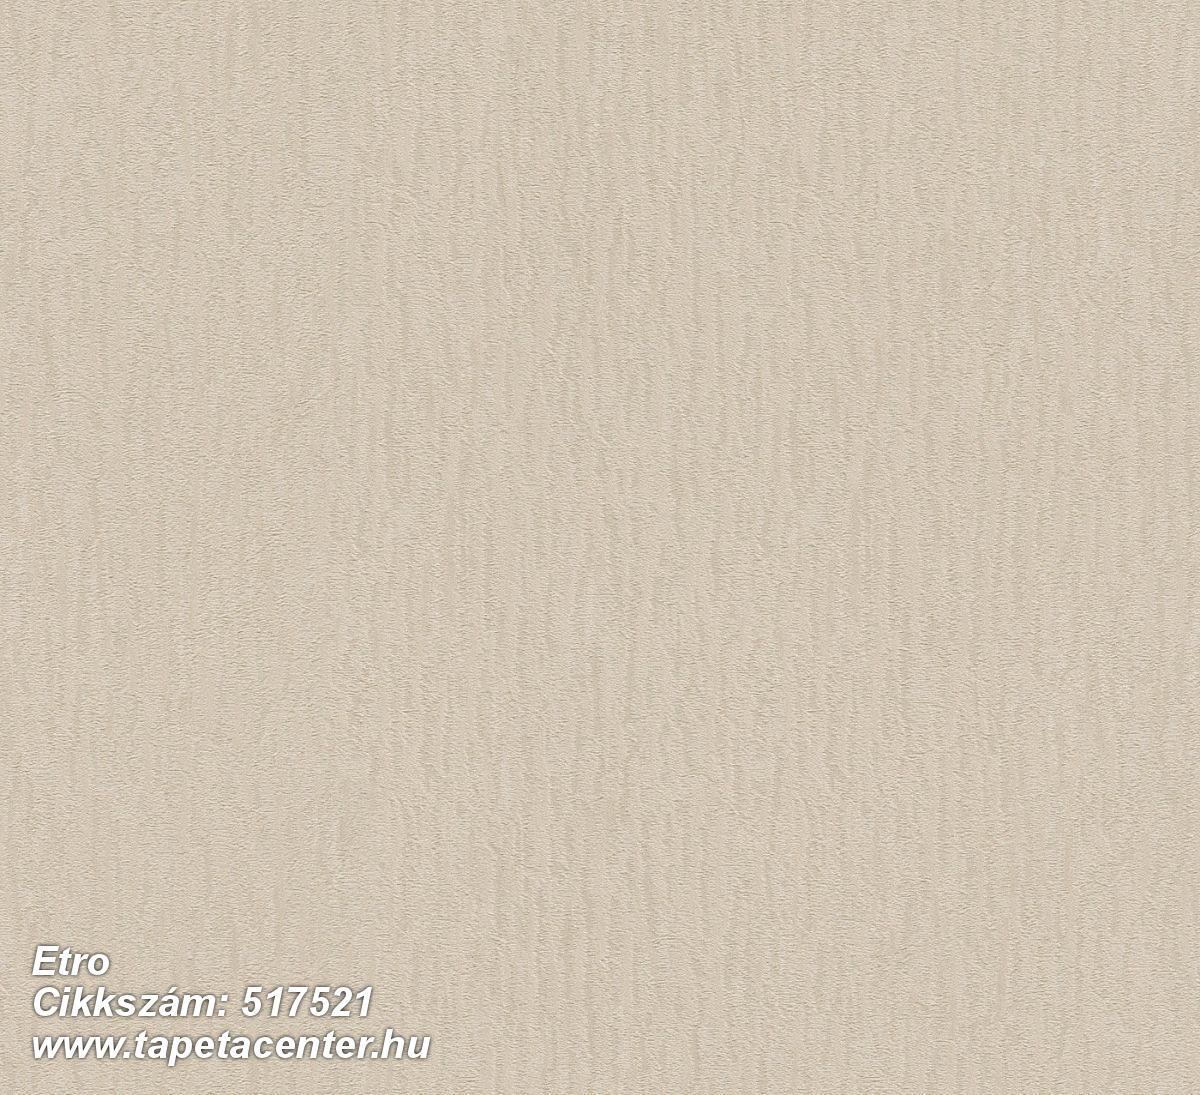 Egyszínű,különleges felületű,textil hatású,textilmintás,bézs-drapp,lemosható,illesztés mentes,Vlies tapéta